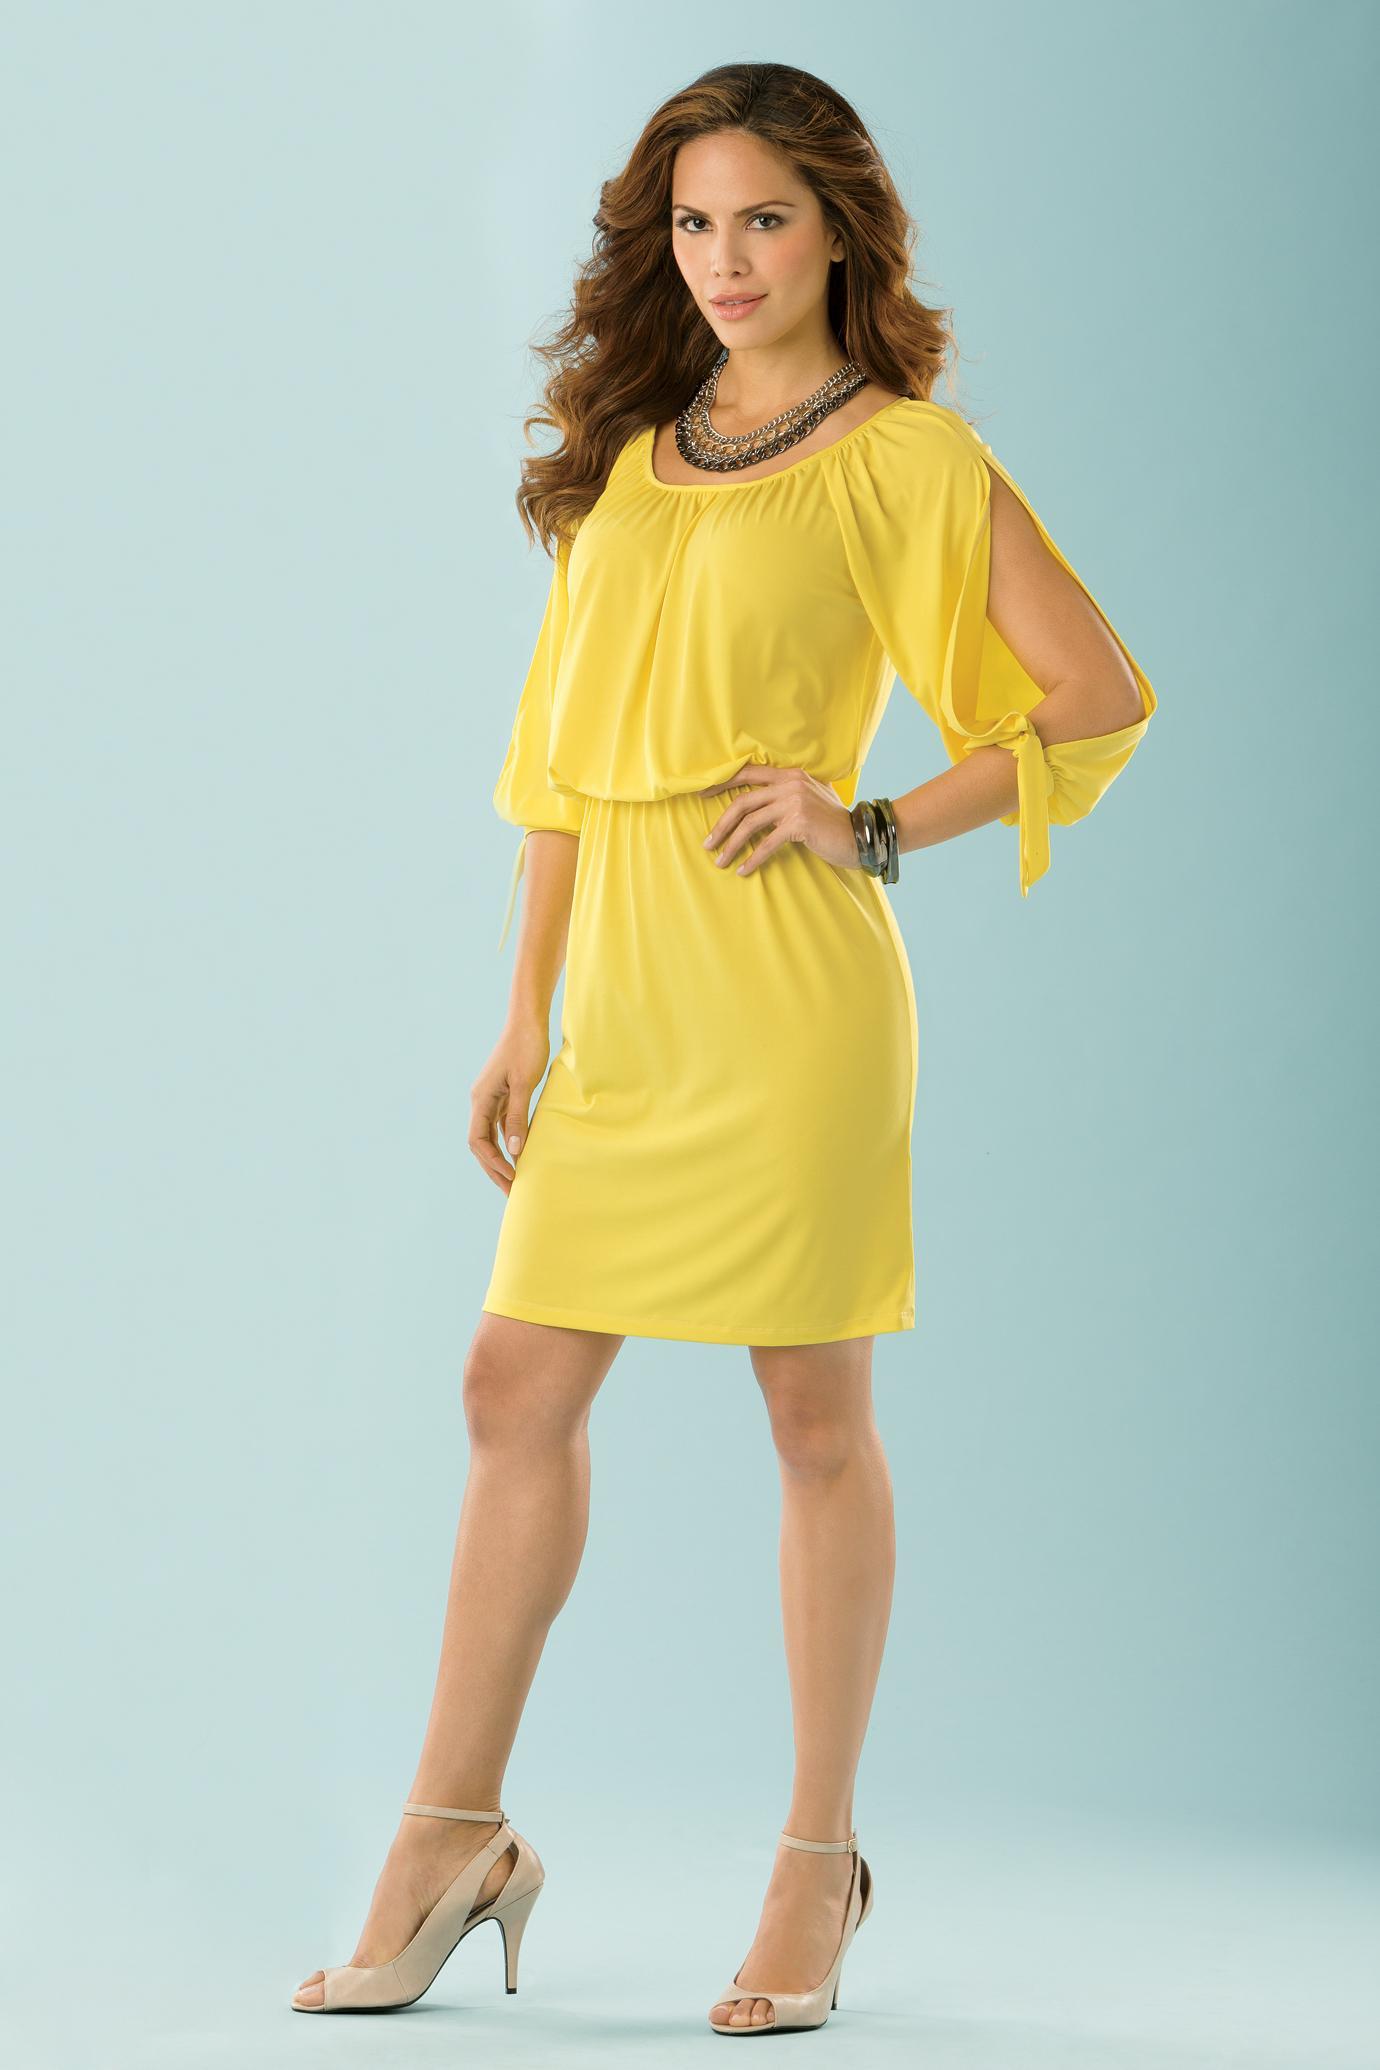 Blouson Dress Picture Collection Dressedupgirl Com